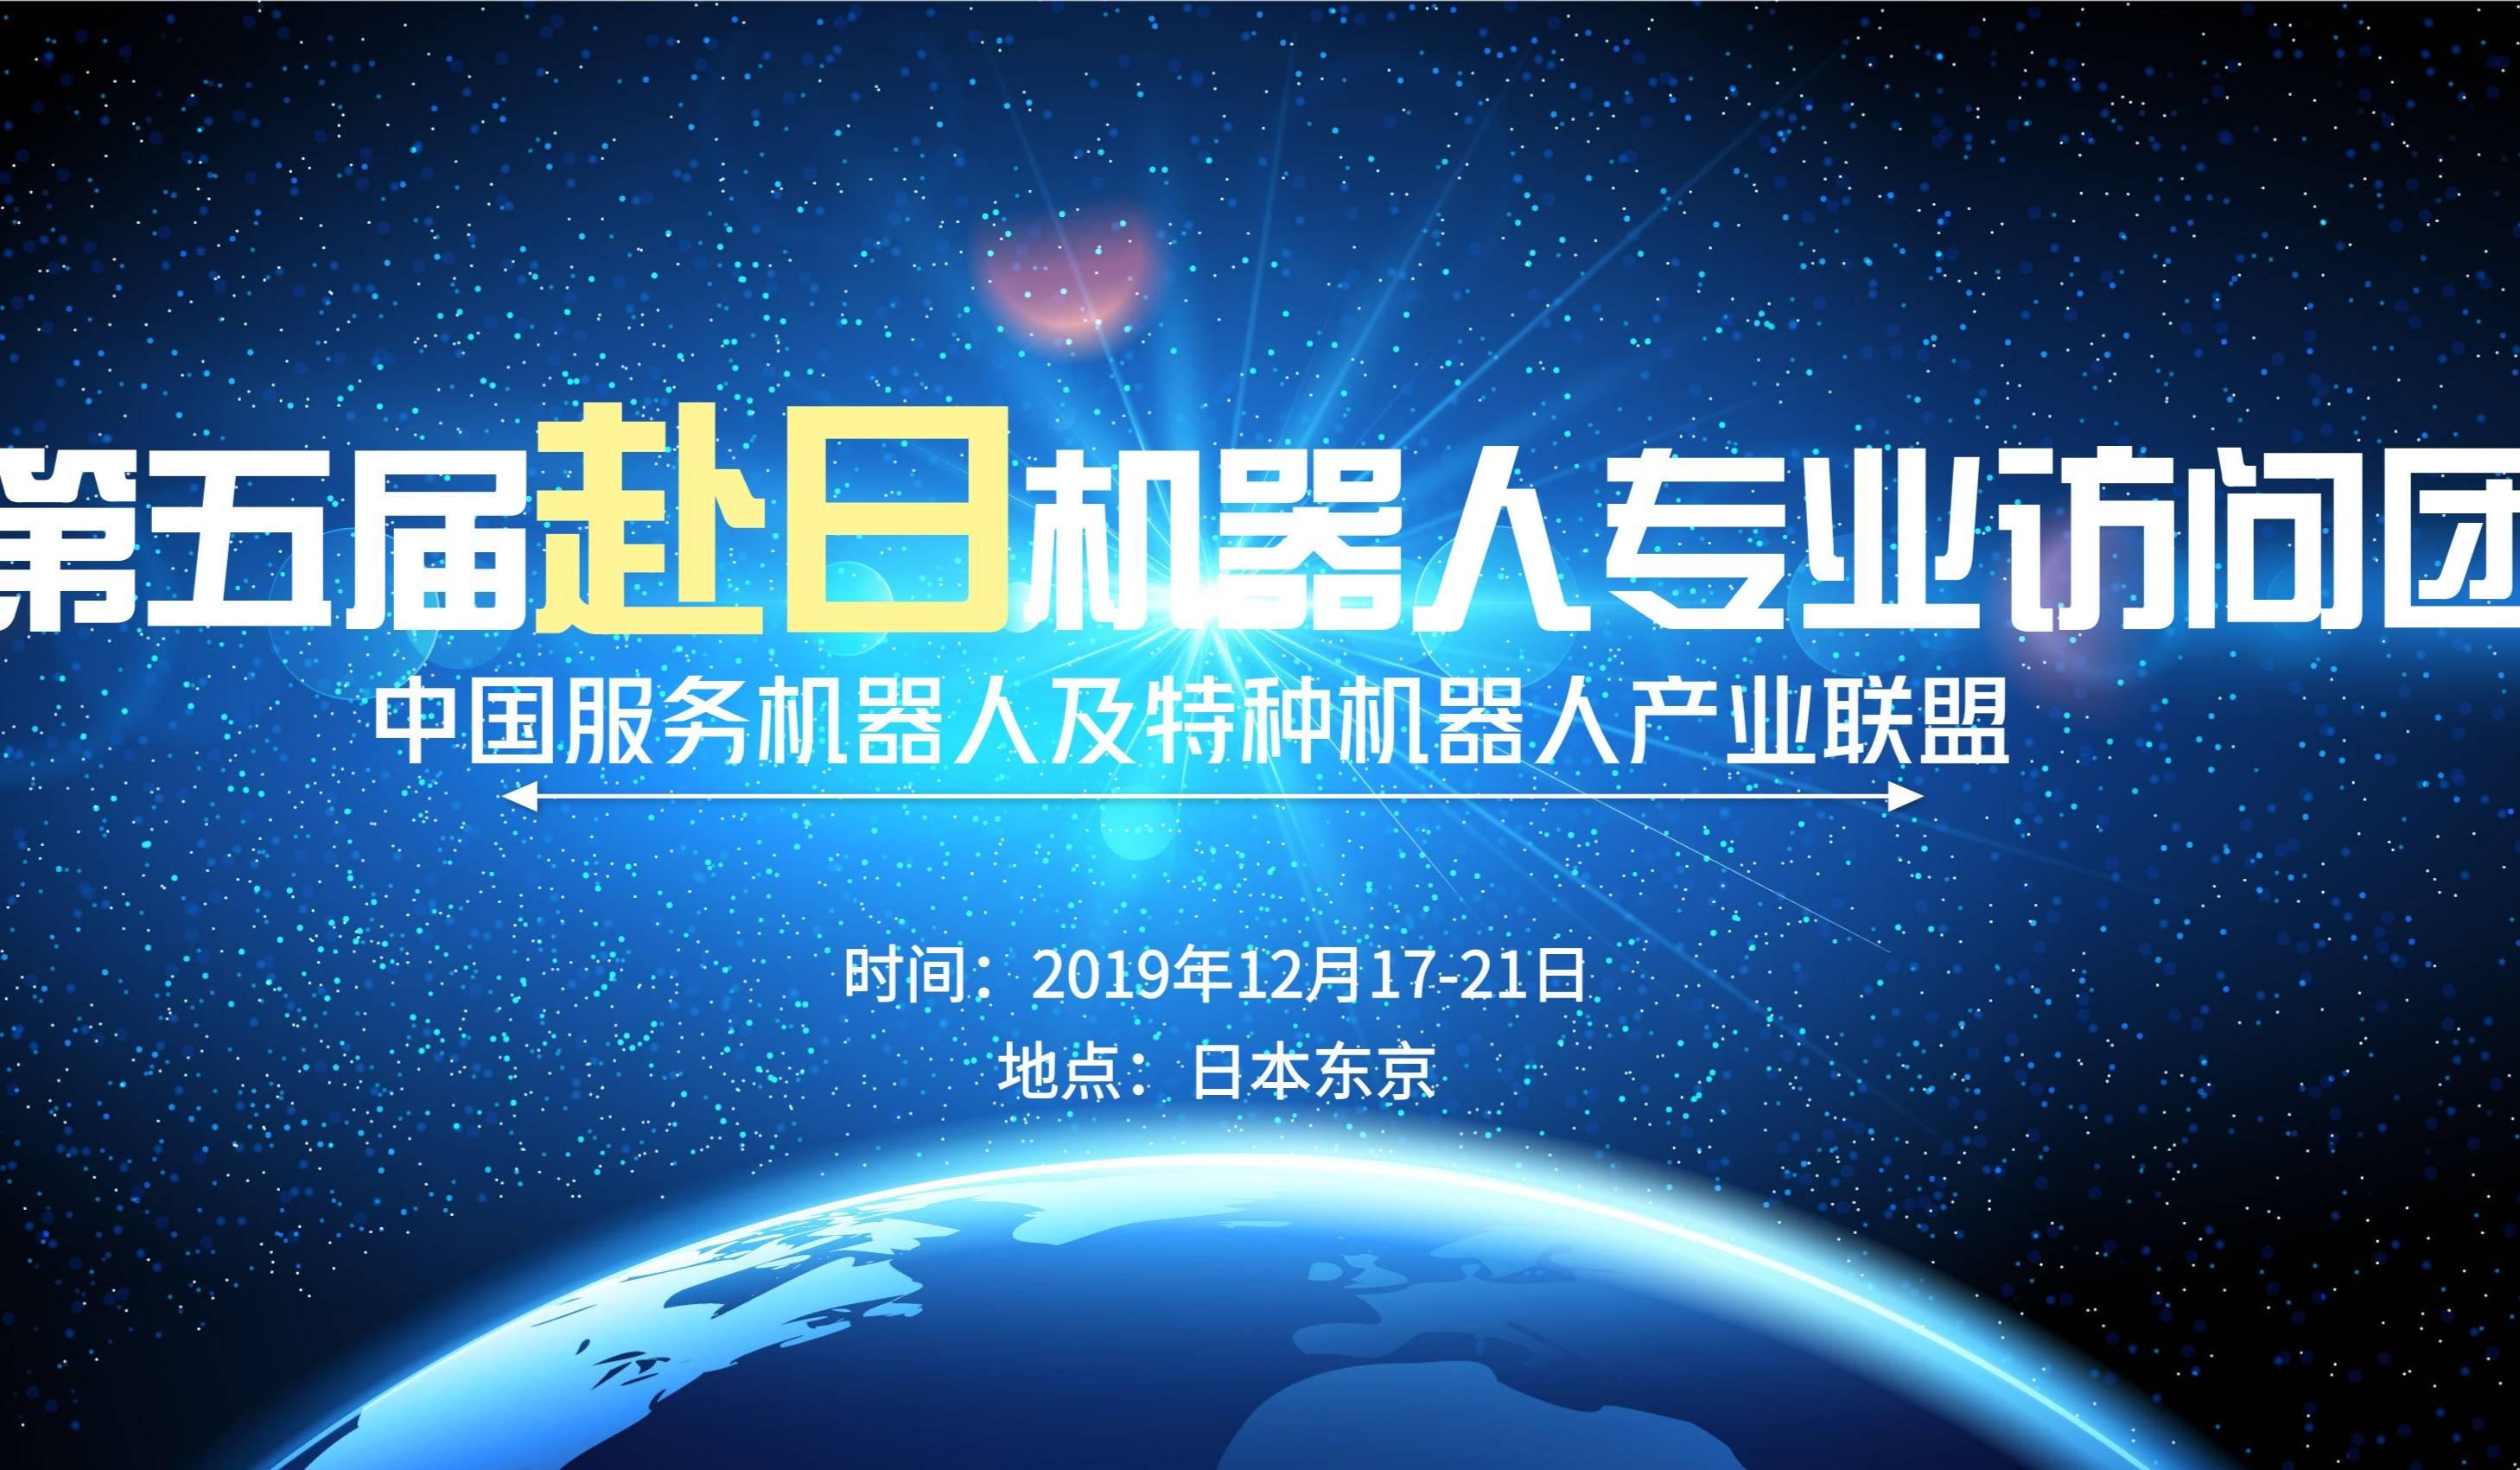 """""""第五届赴日机器人专业访问团""""开始报名啦!"""